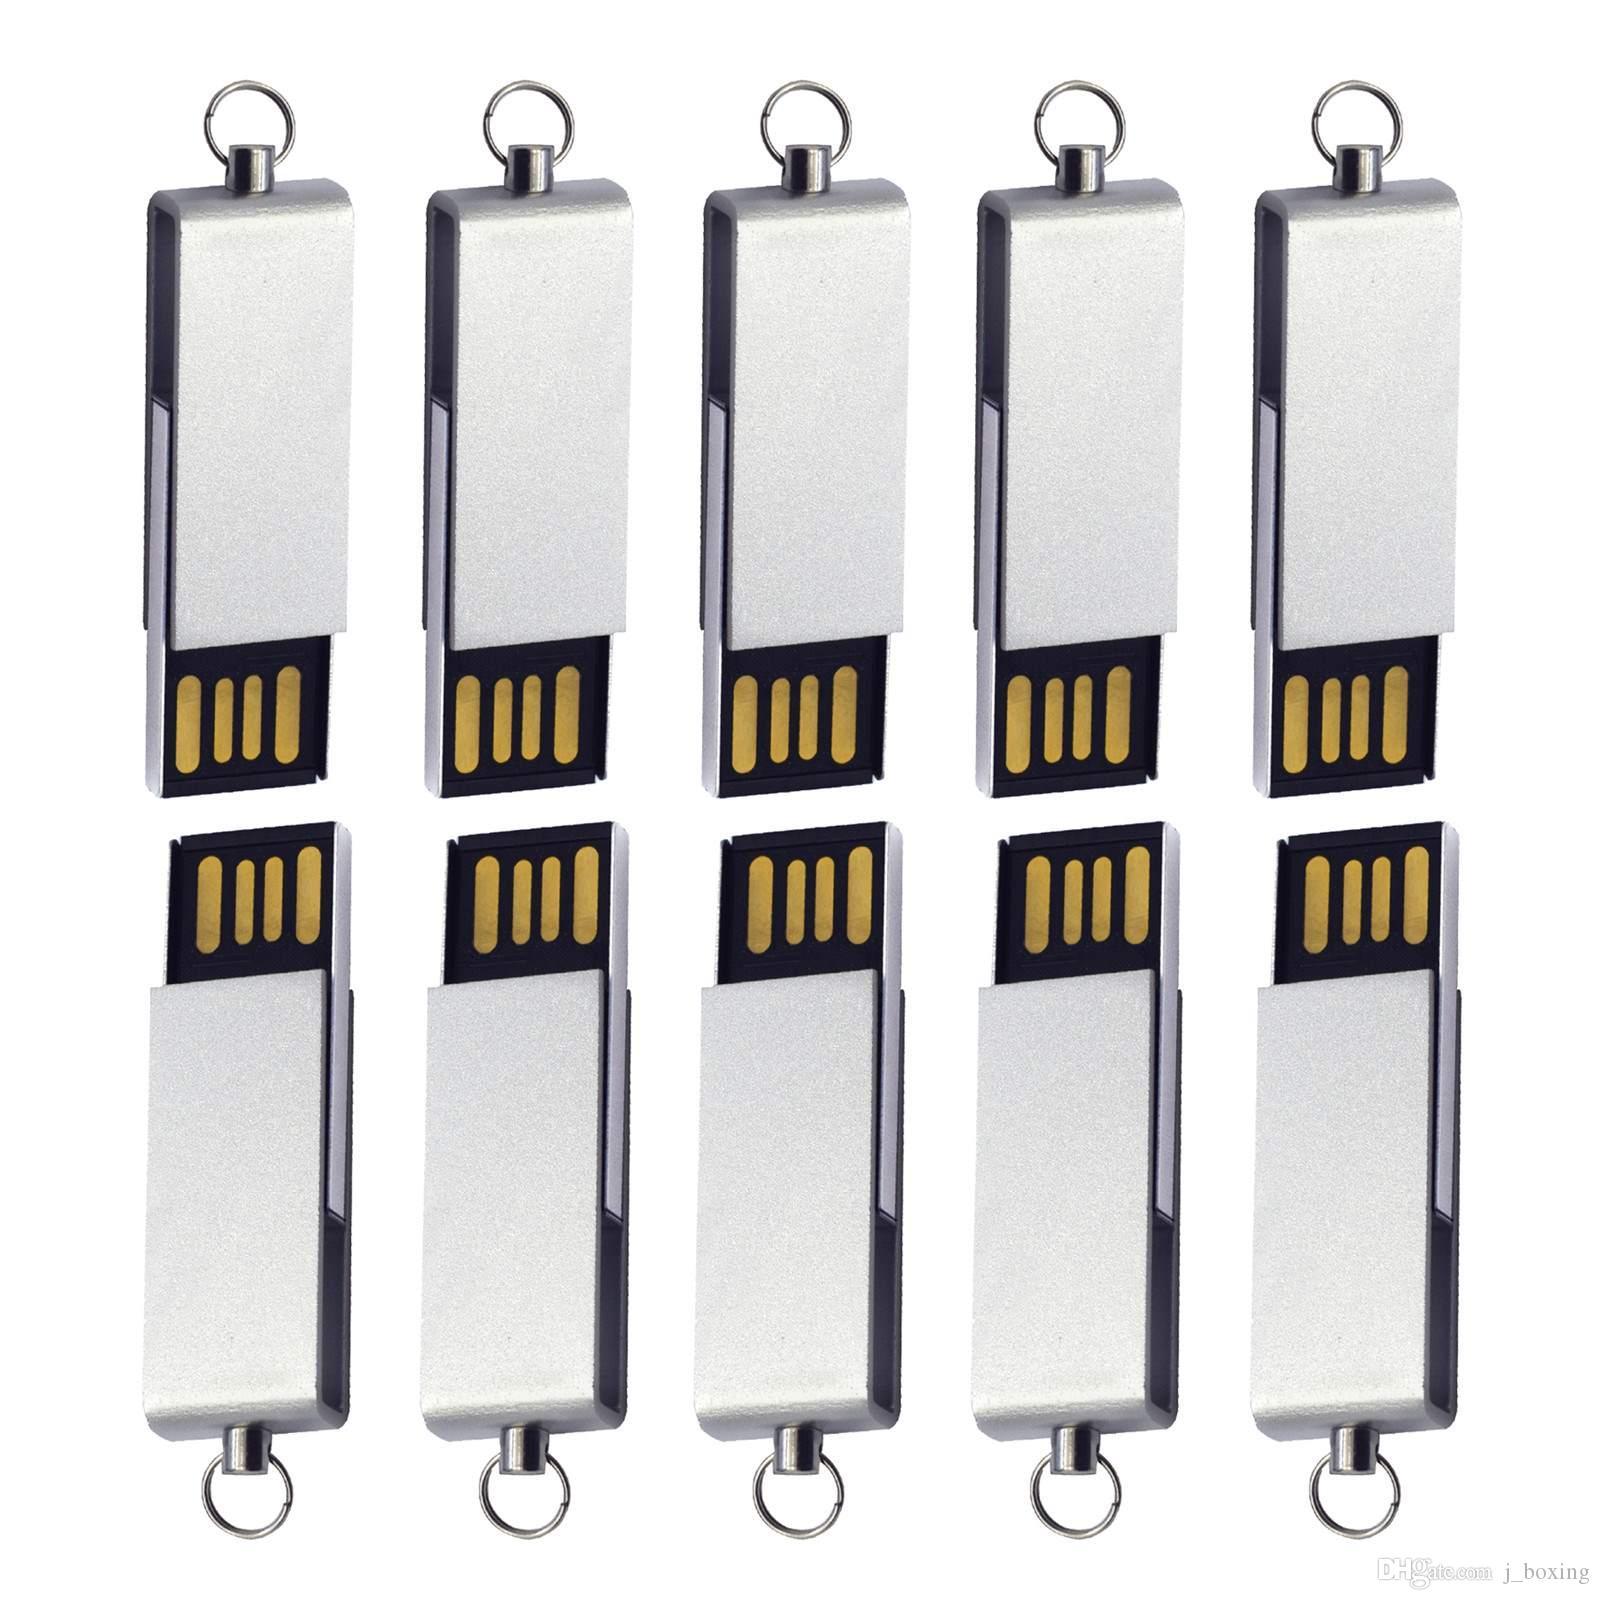 Free Shipping Bulk 10PCS 4GB Mini Swivel USB 2.0 Flash Drives Rotating Pen Drives Thumb Storage for PC Macbook USB Memory Stick Colorful